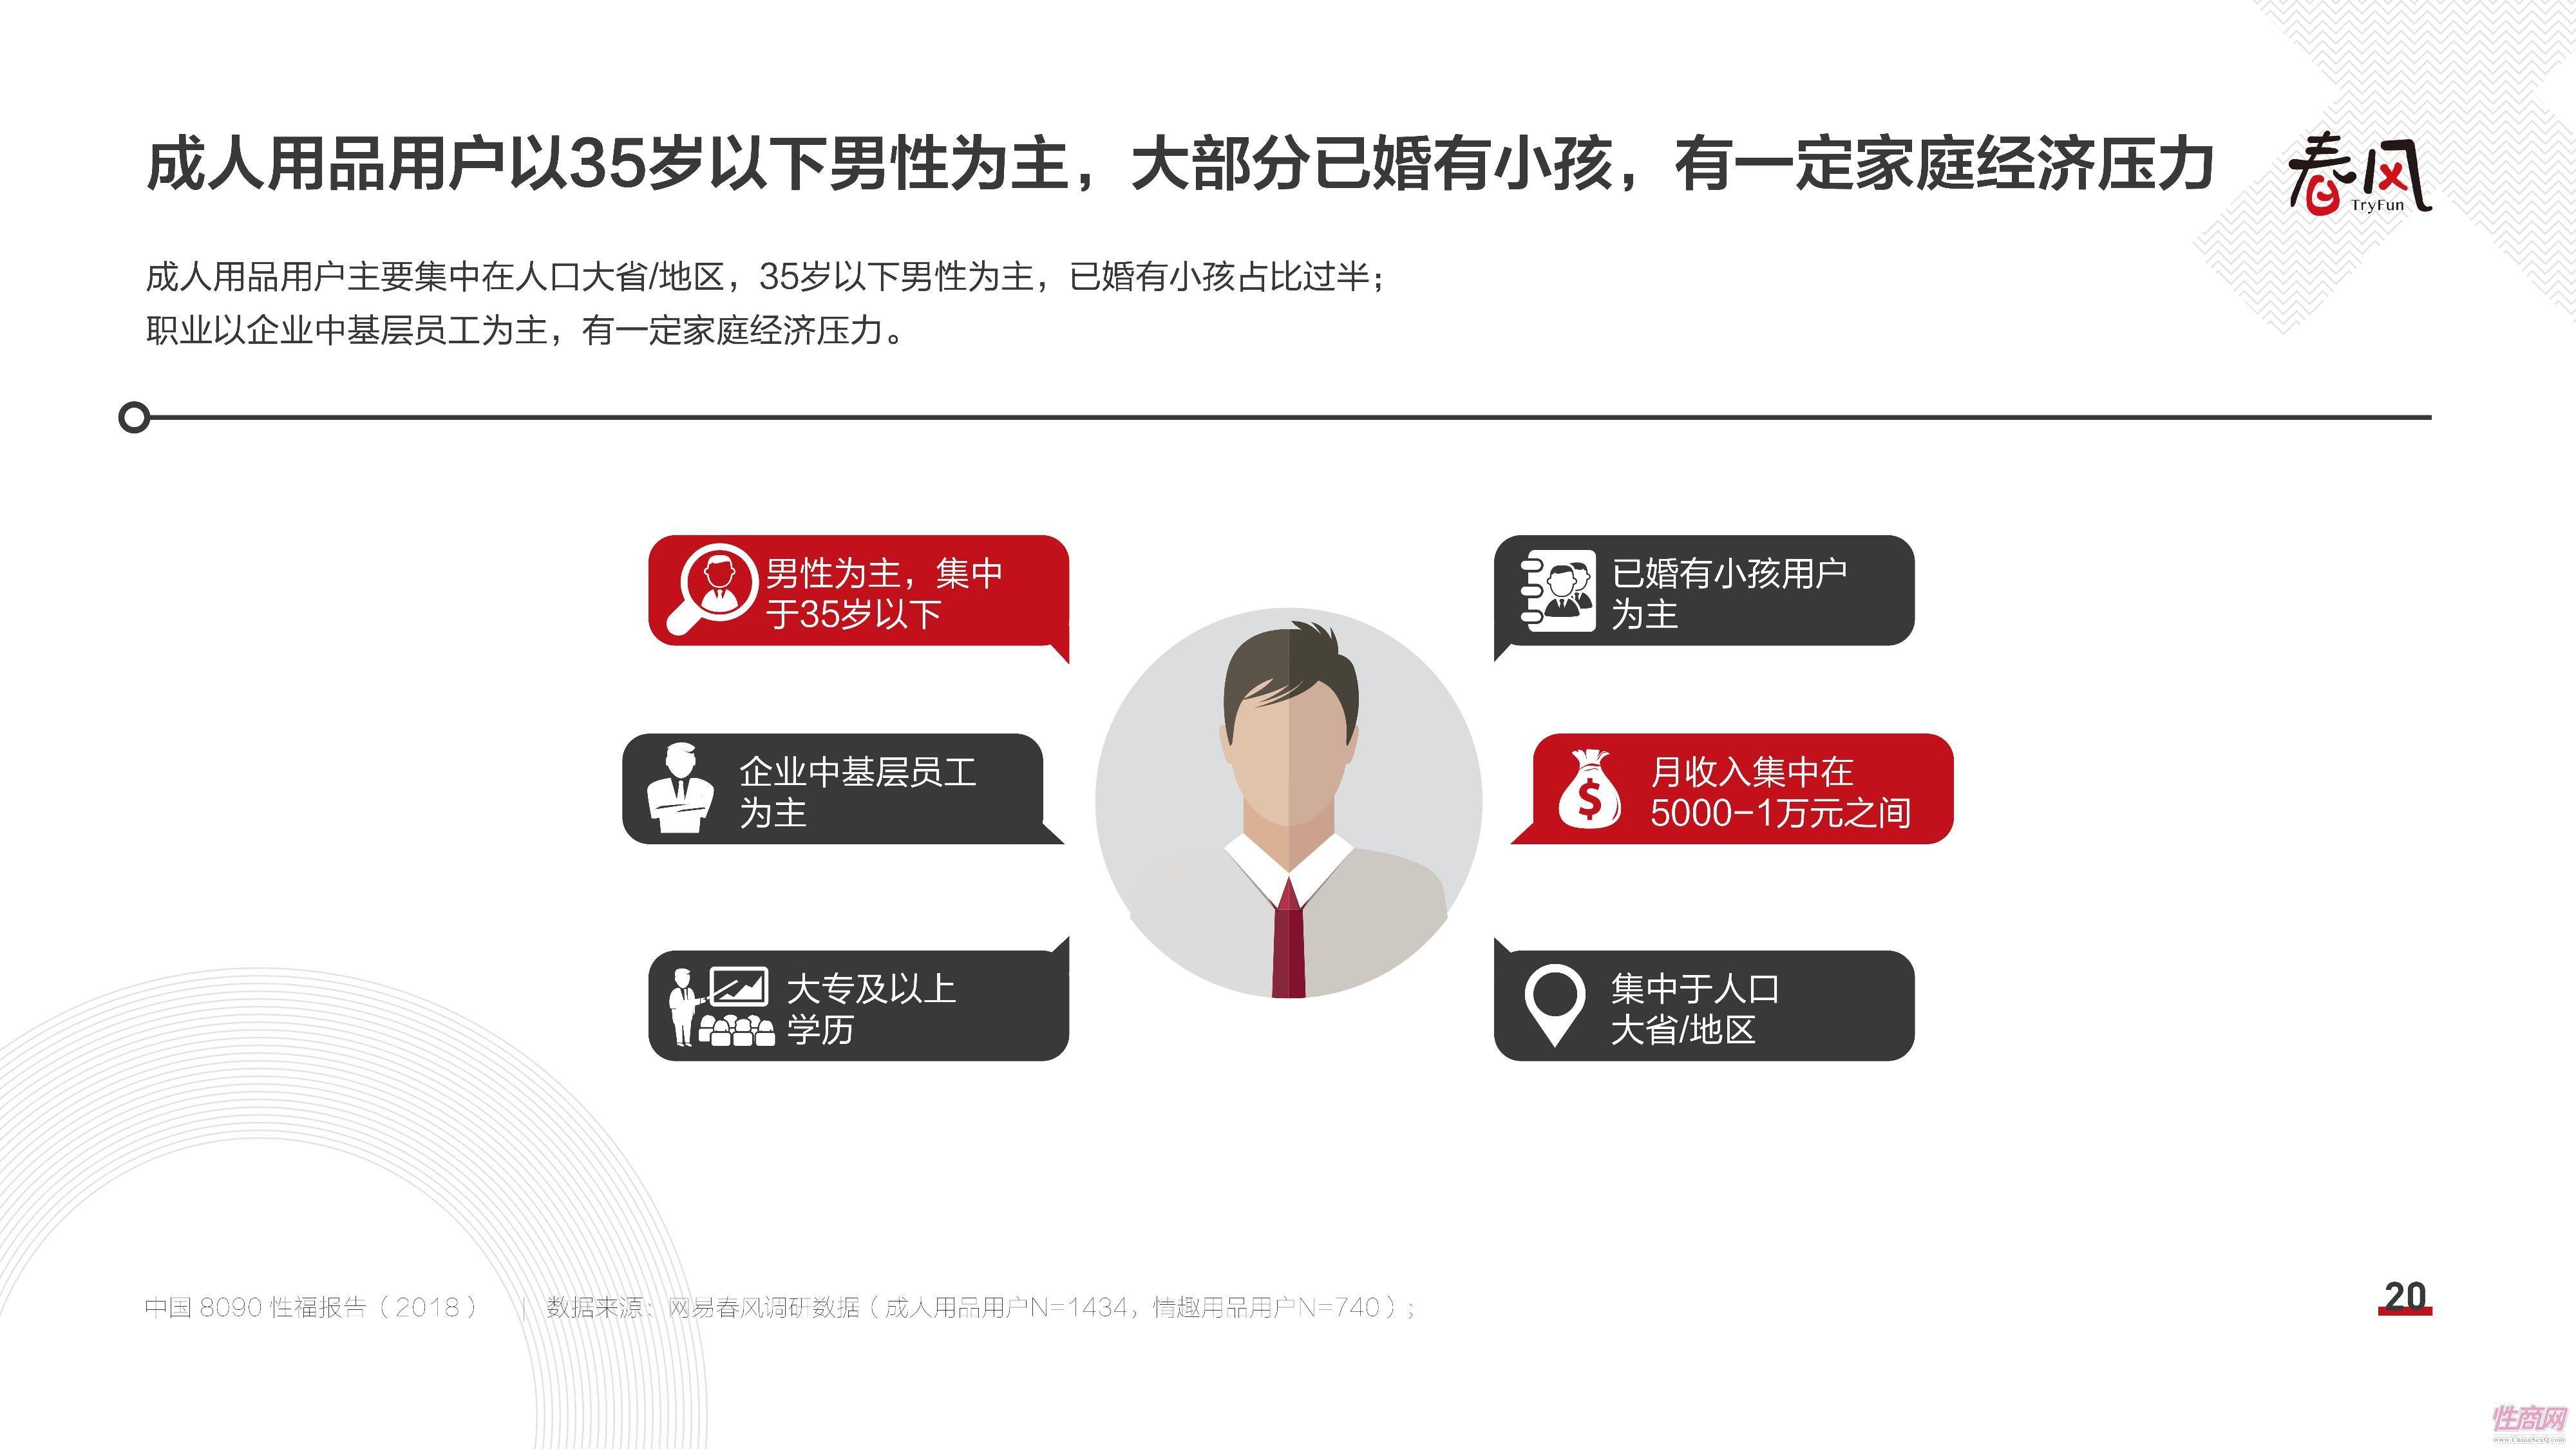 18中国8090性福报告 (19)